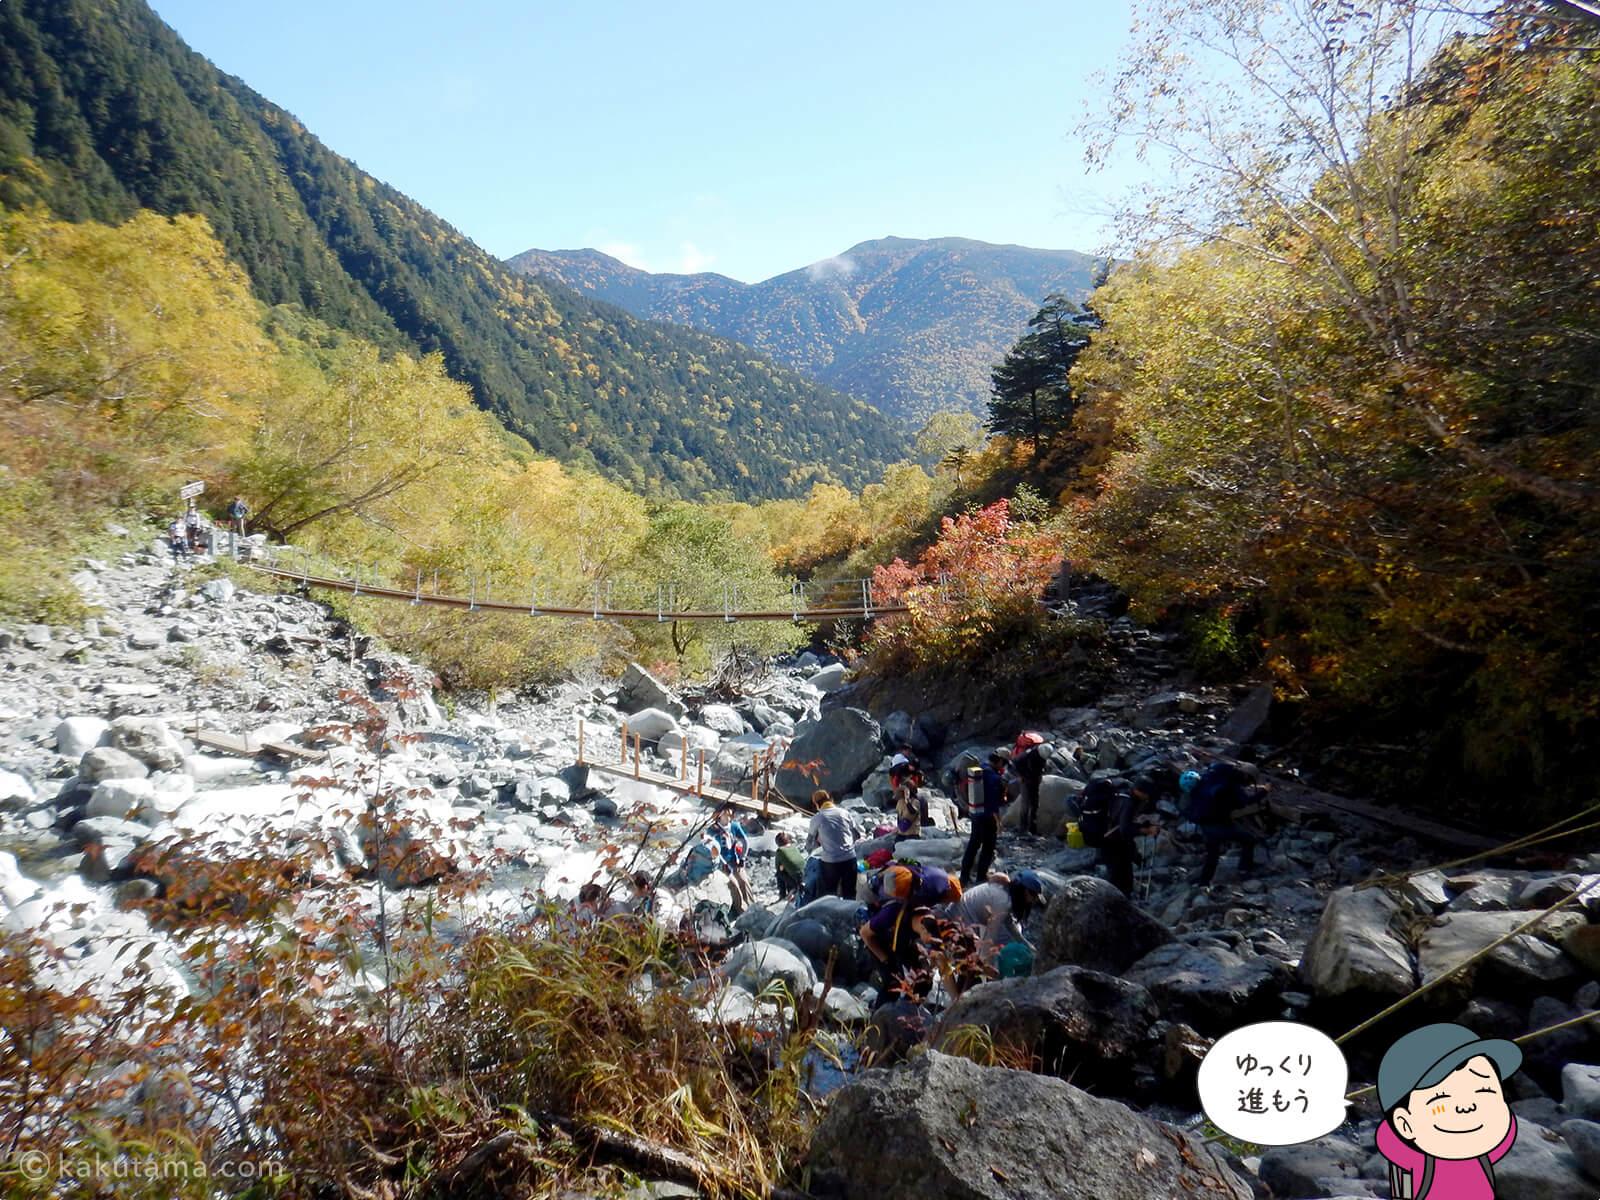 本谷橋から先へ進む